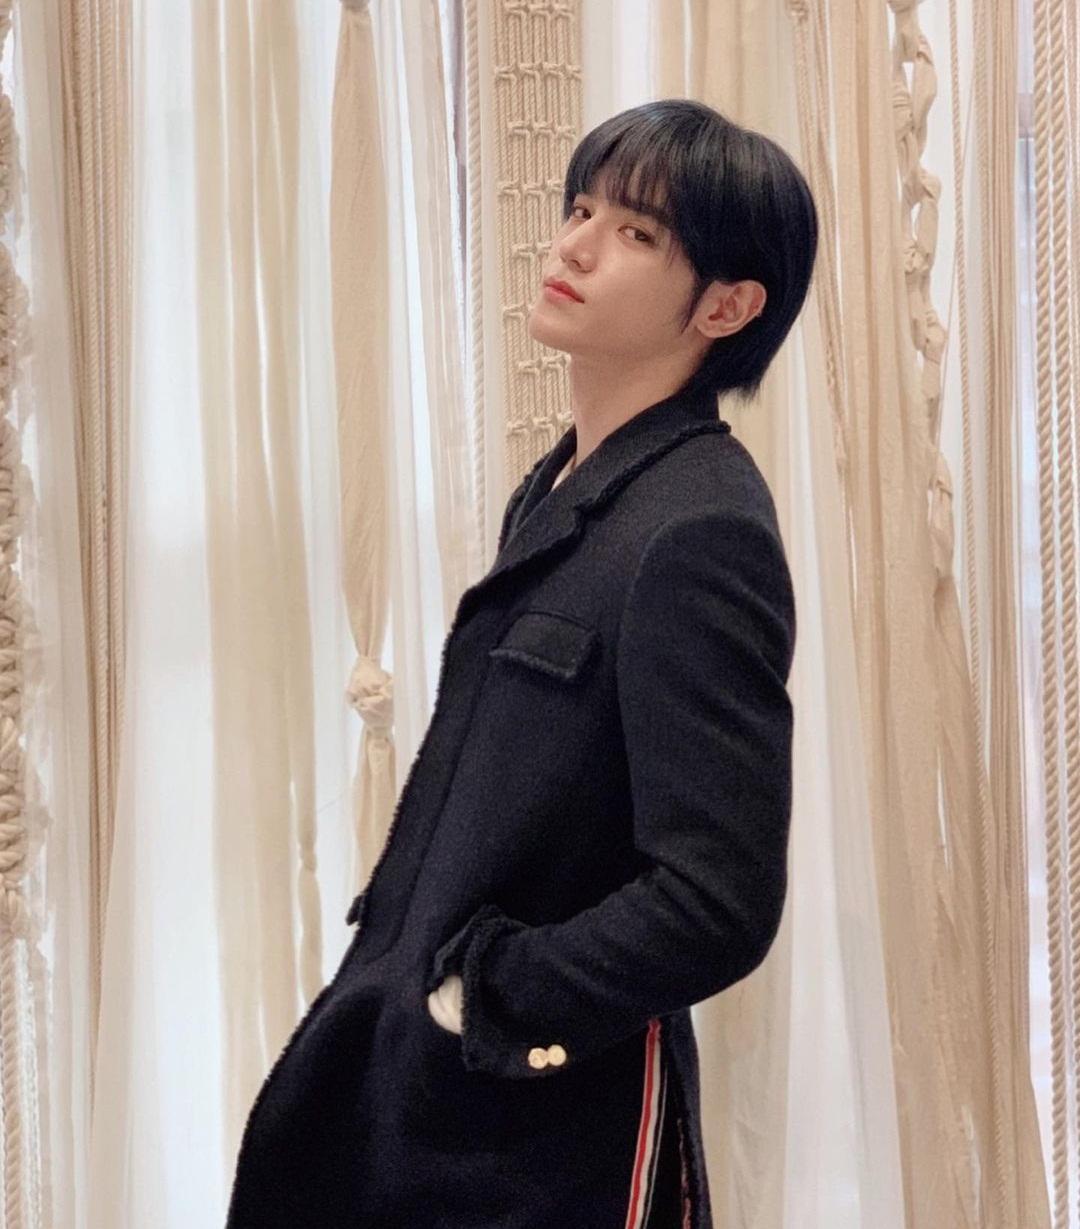 Tae Yong gây hốt hoảng vì bỗng nữ tính đến lạ với mái tóc bob.